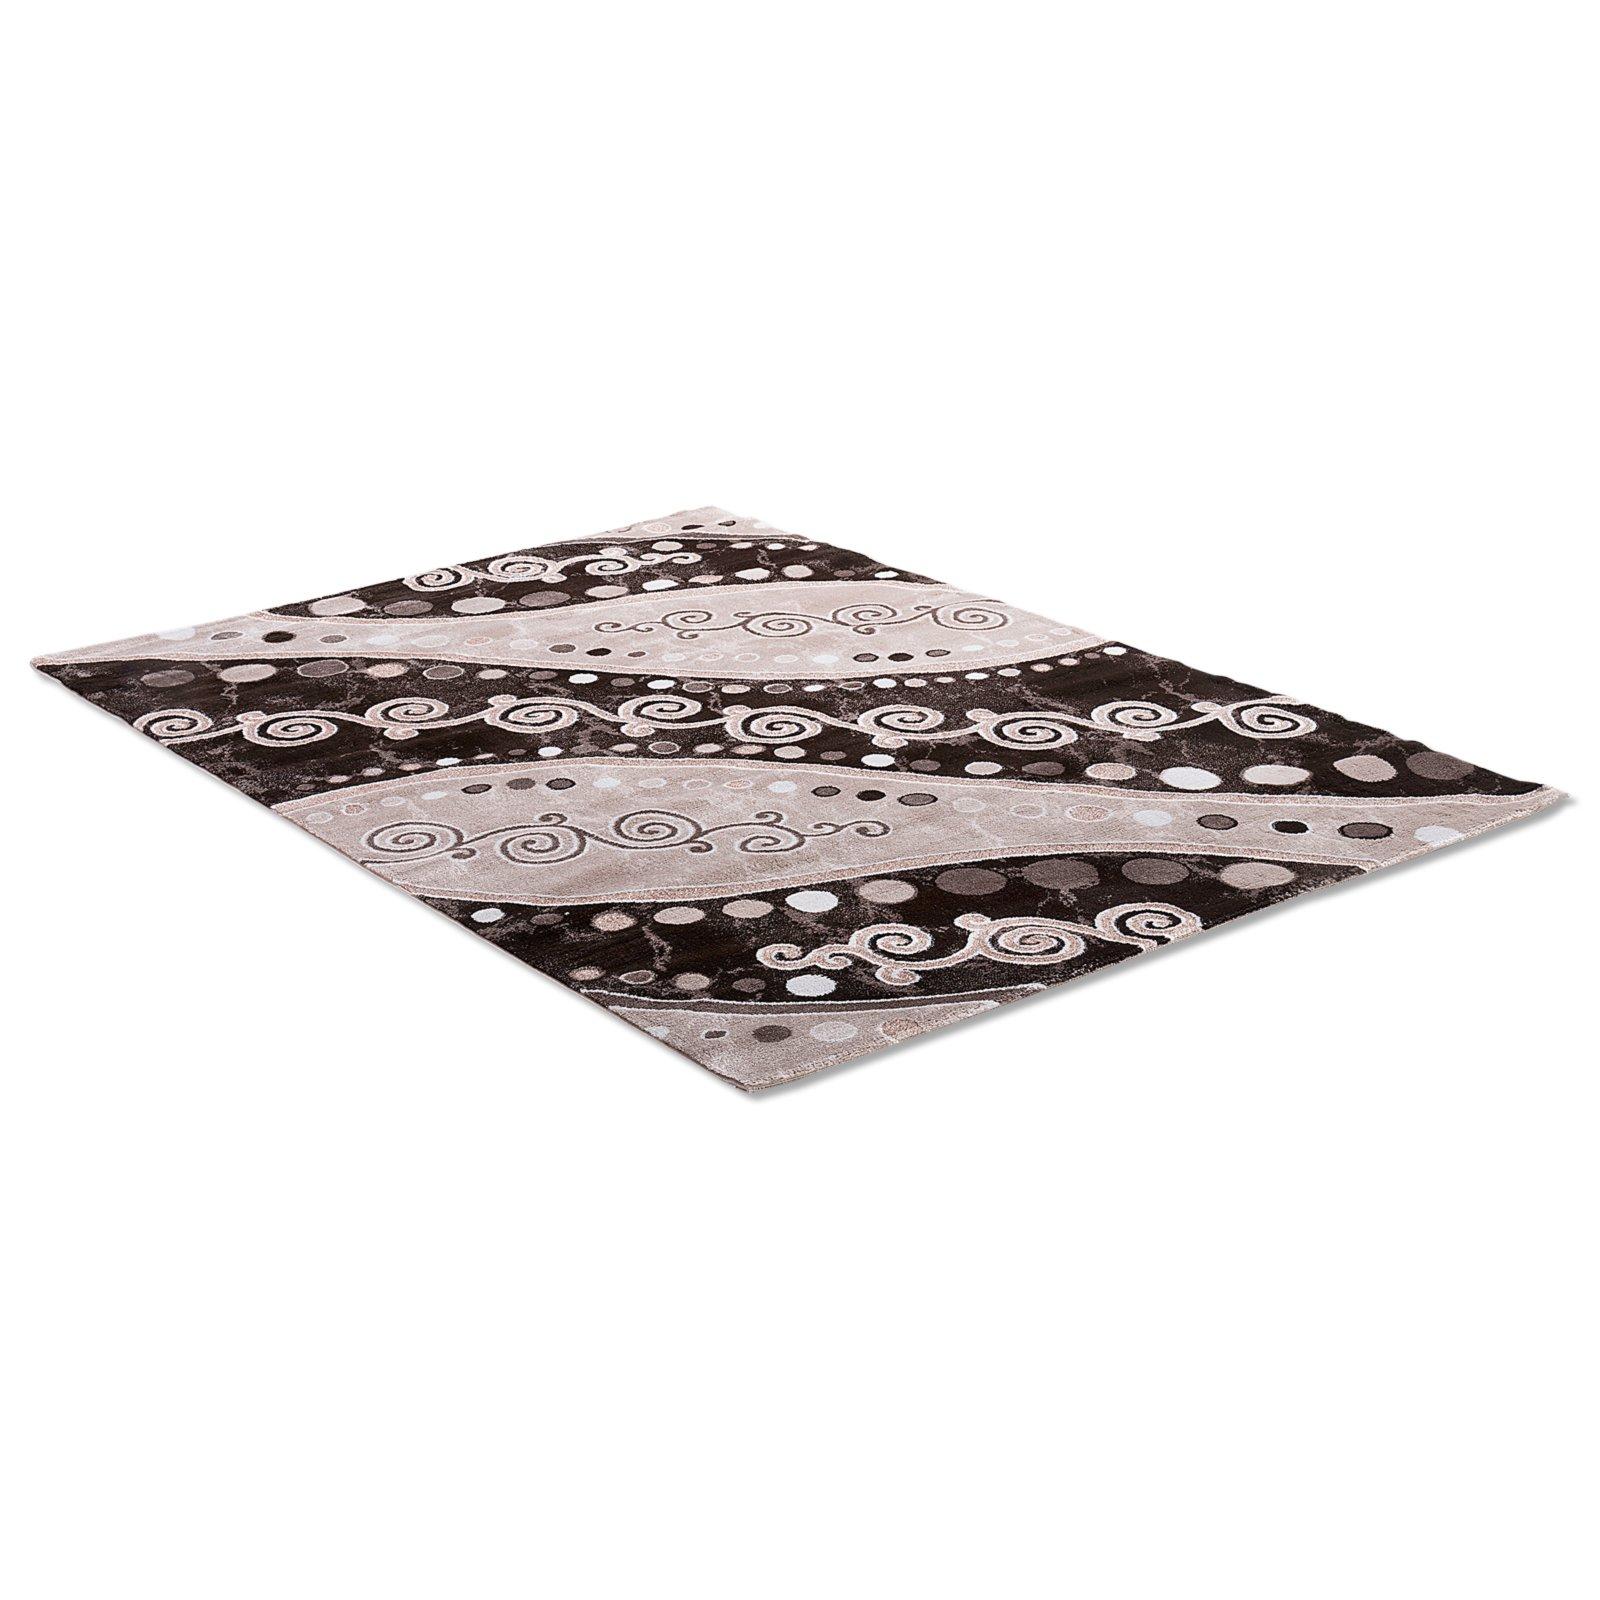 Teppich ELEYSA  braun  80×150 cm  Gemusterte Teppiche